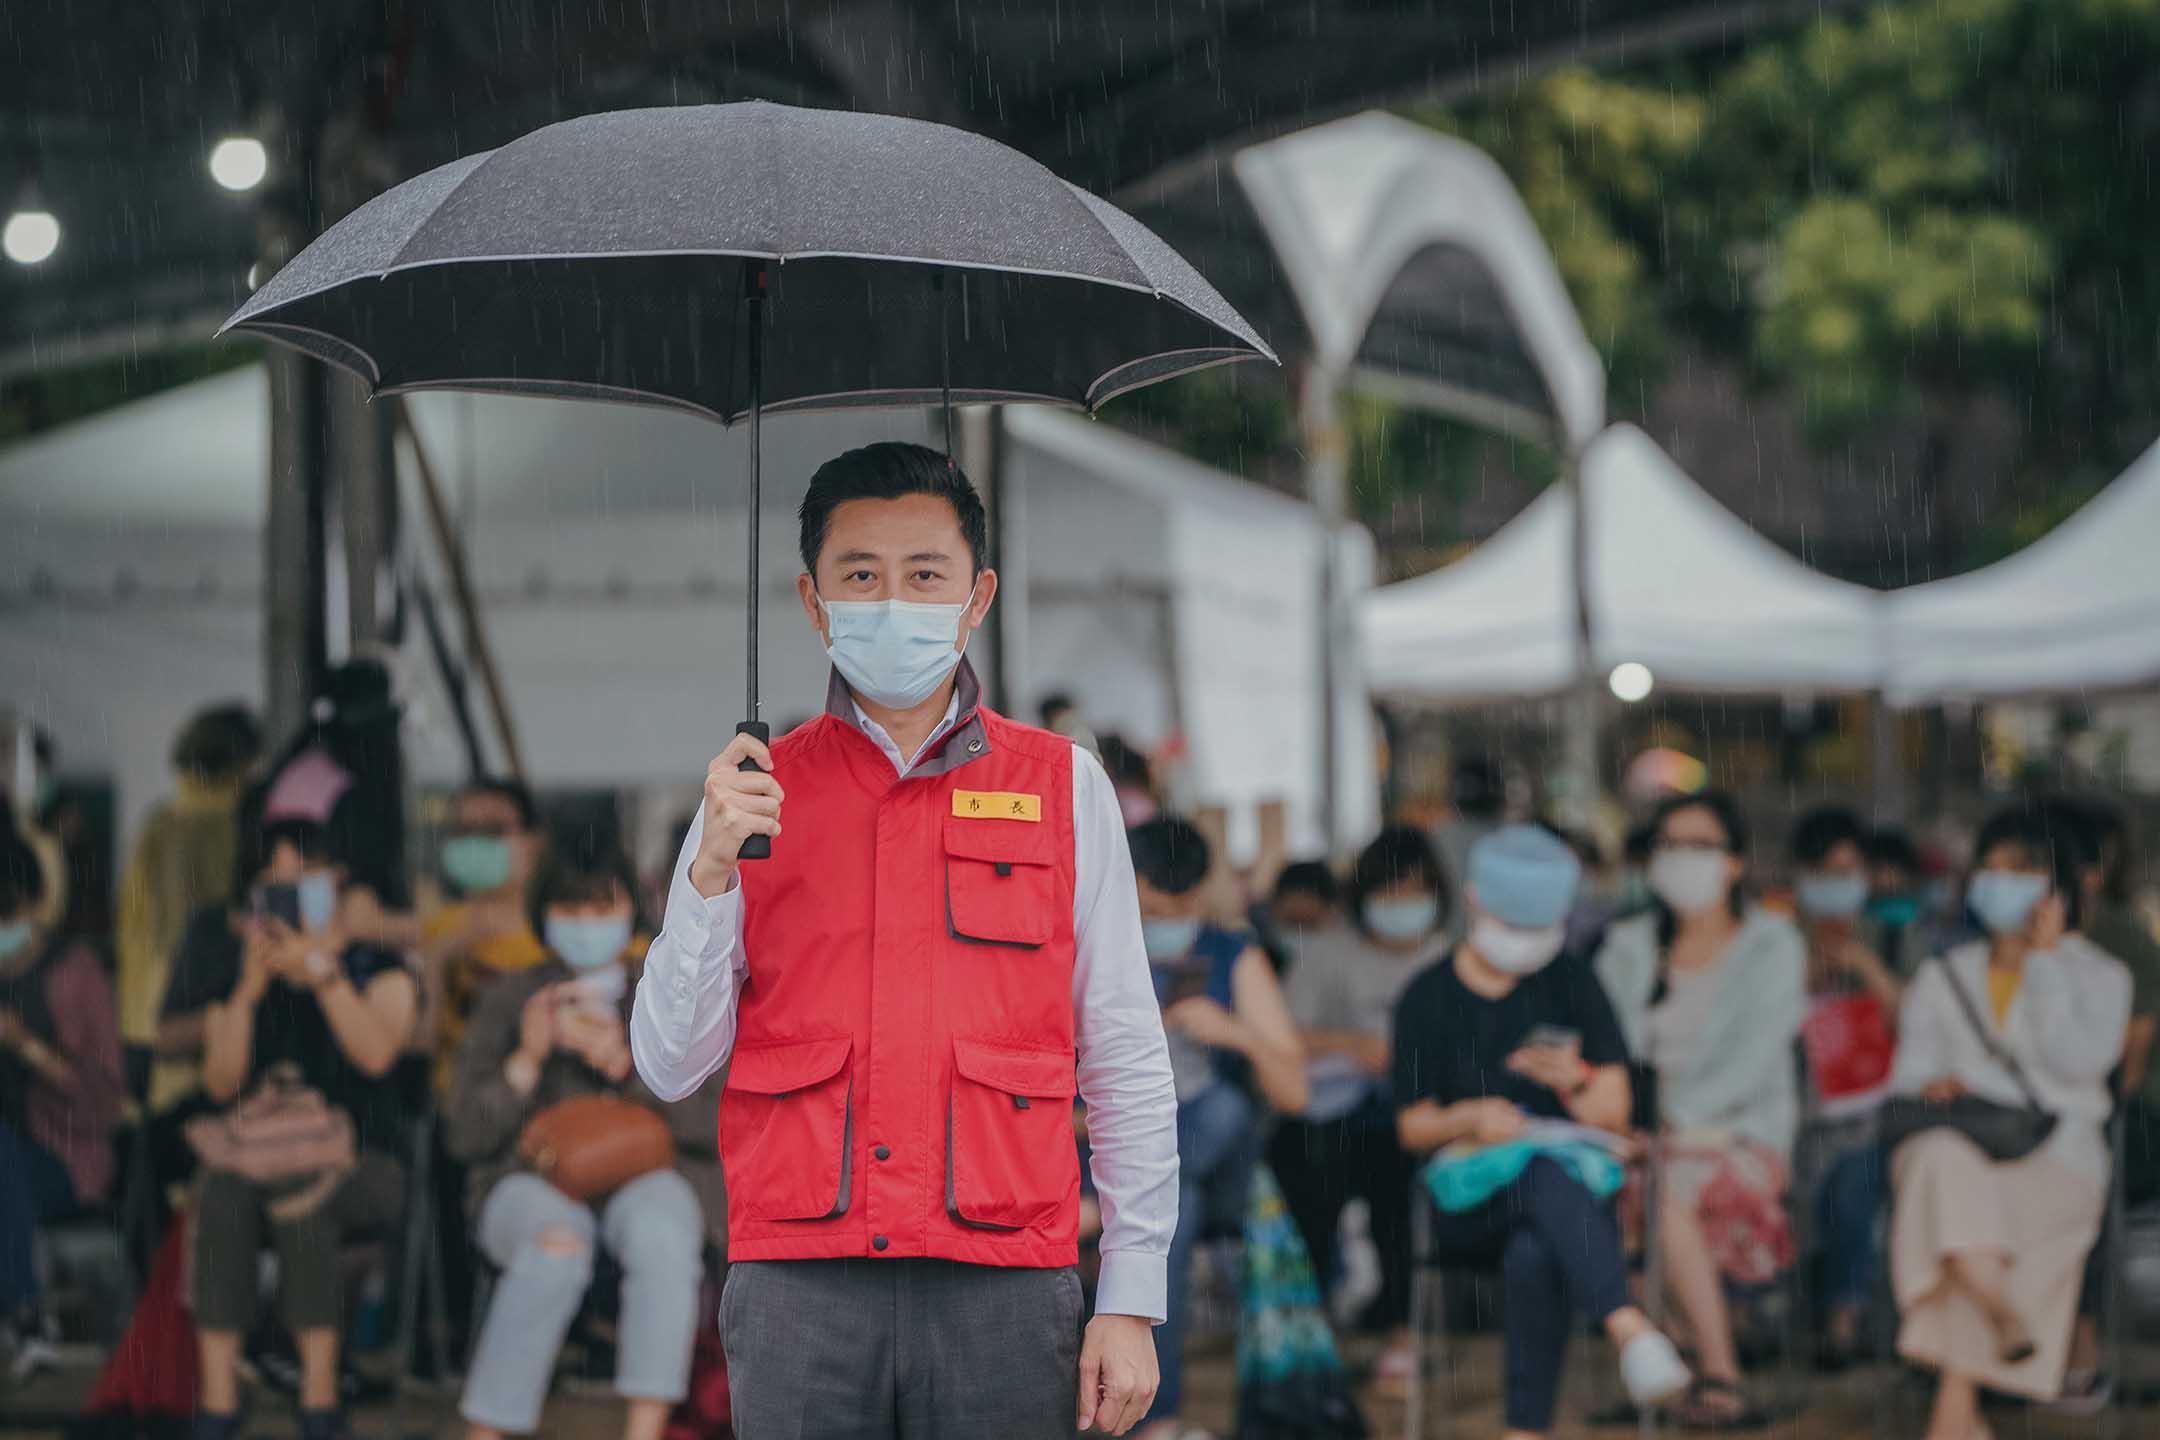 2021年6月3日,新竹市長林智堅視察國軍竹科篩檢站。 圖:受訪者提供